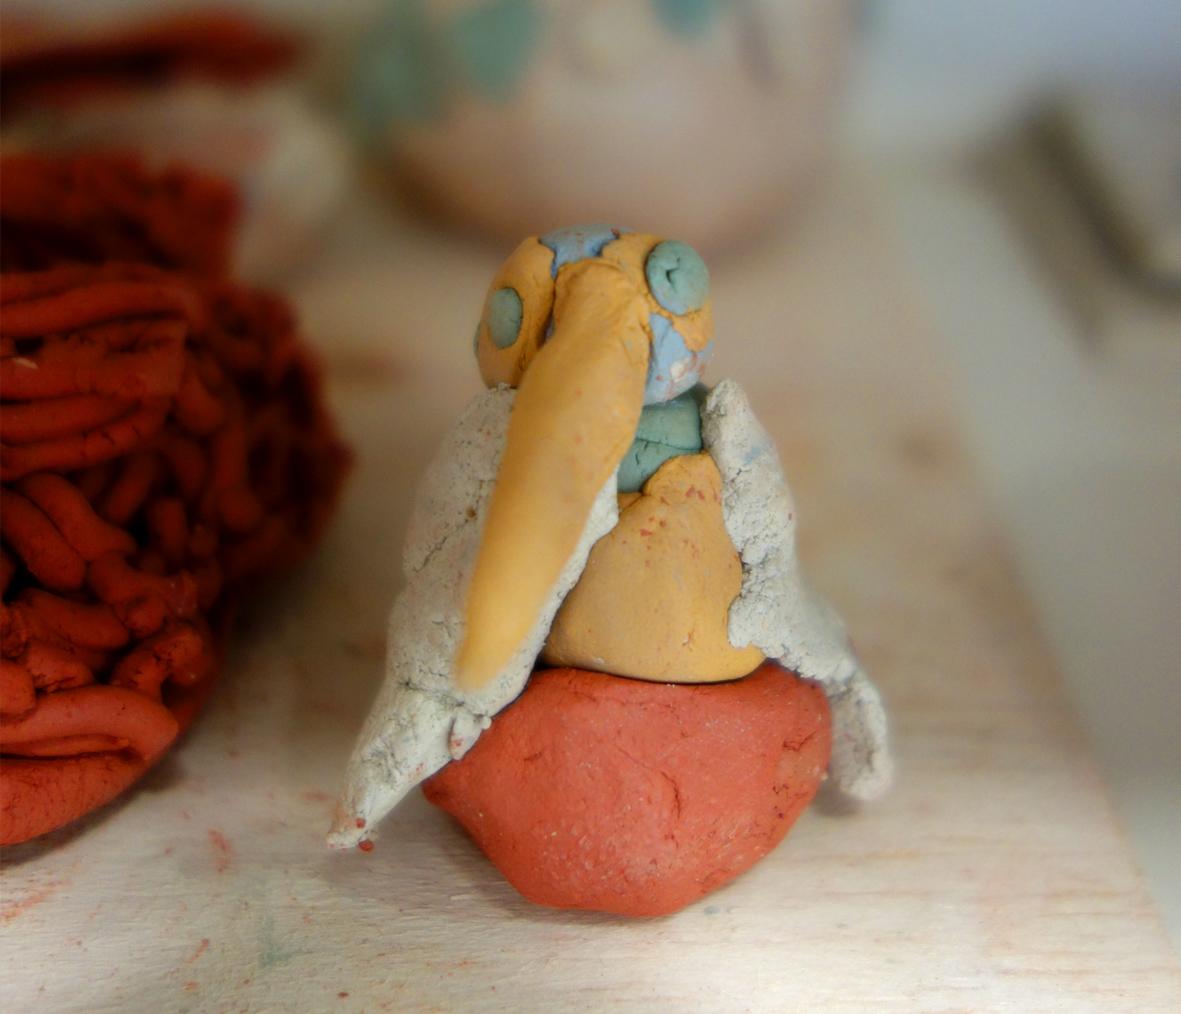 cours enfants_poterie_paris11_5 ans marina